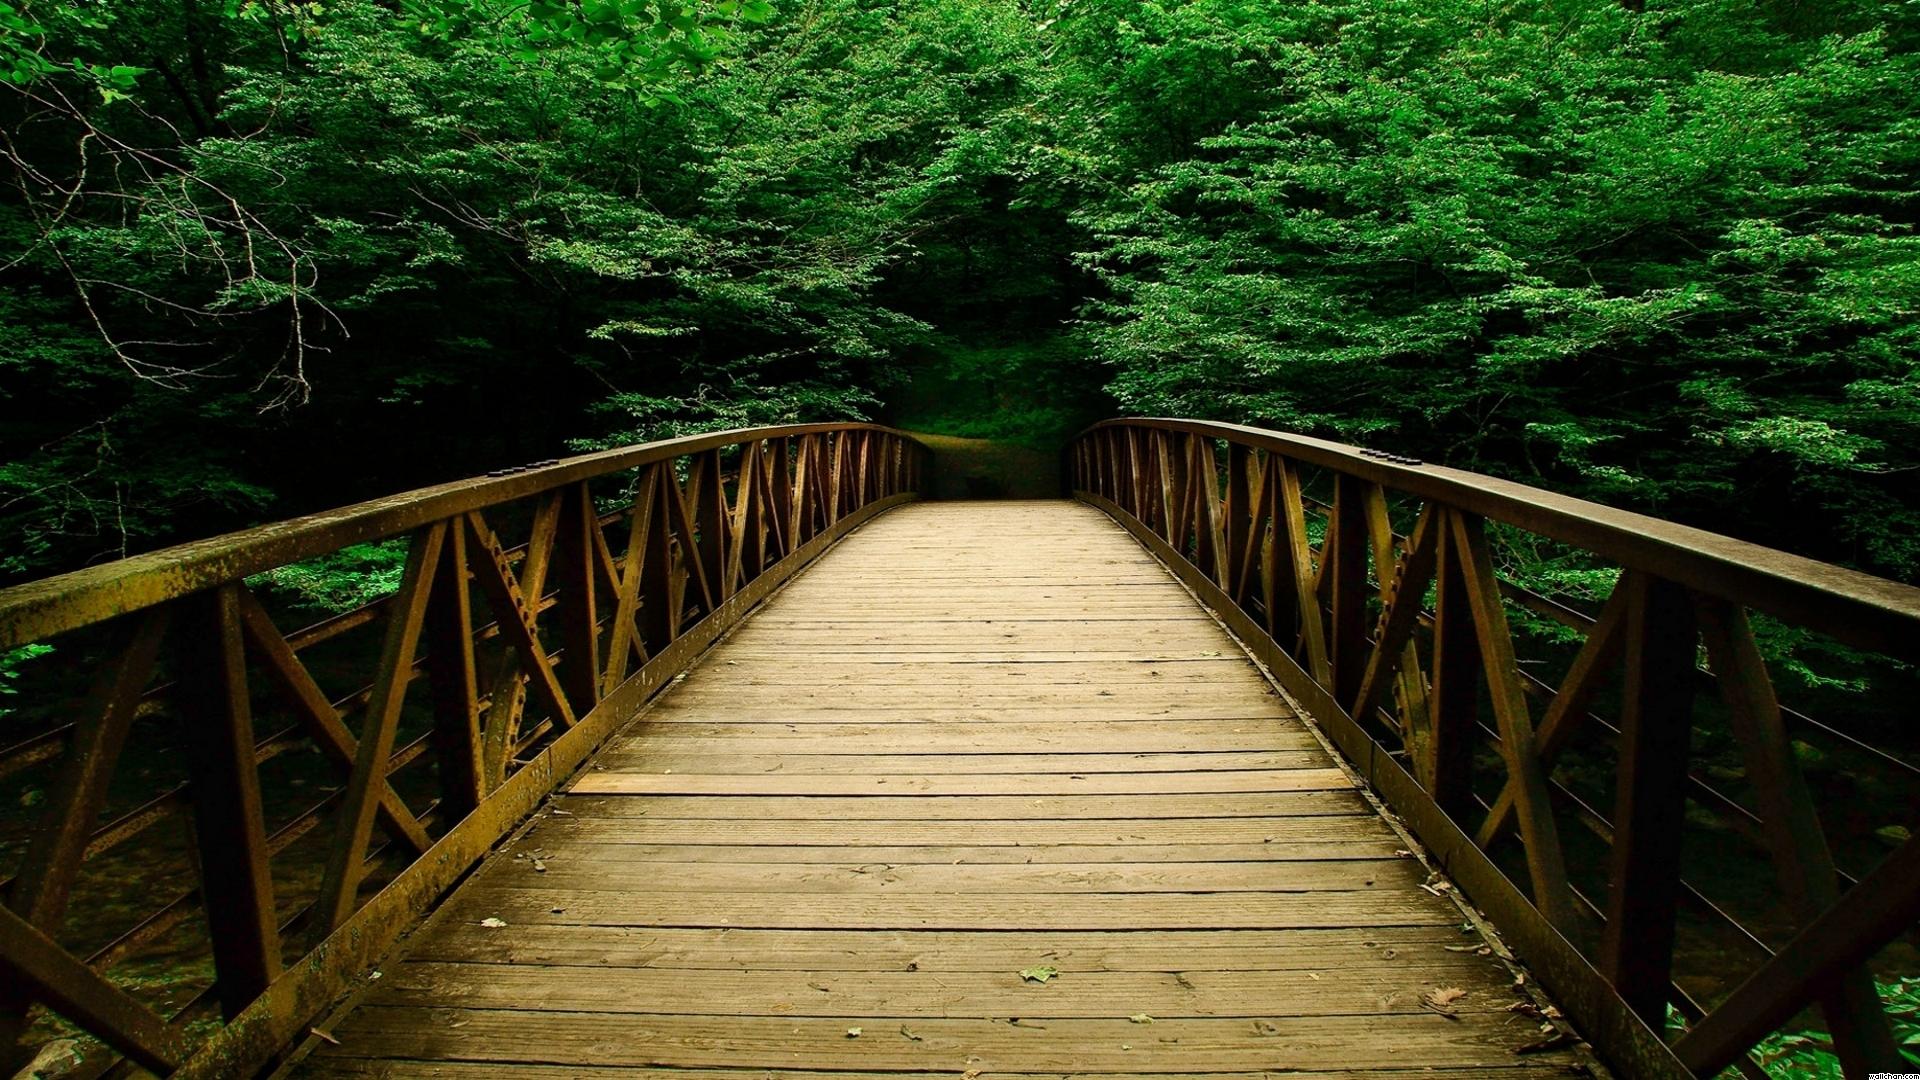 Forest Bridge Background